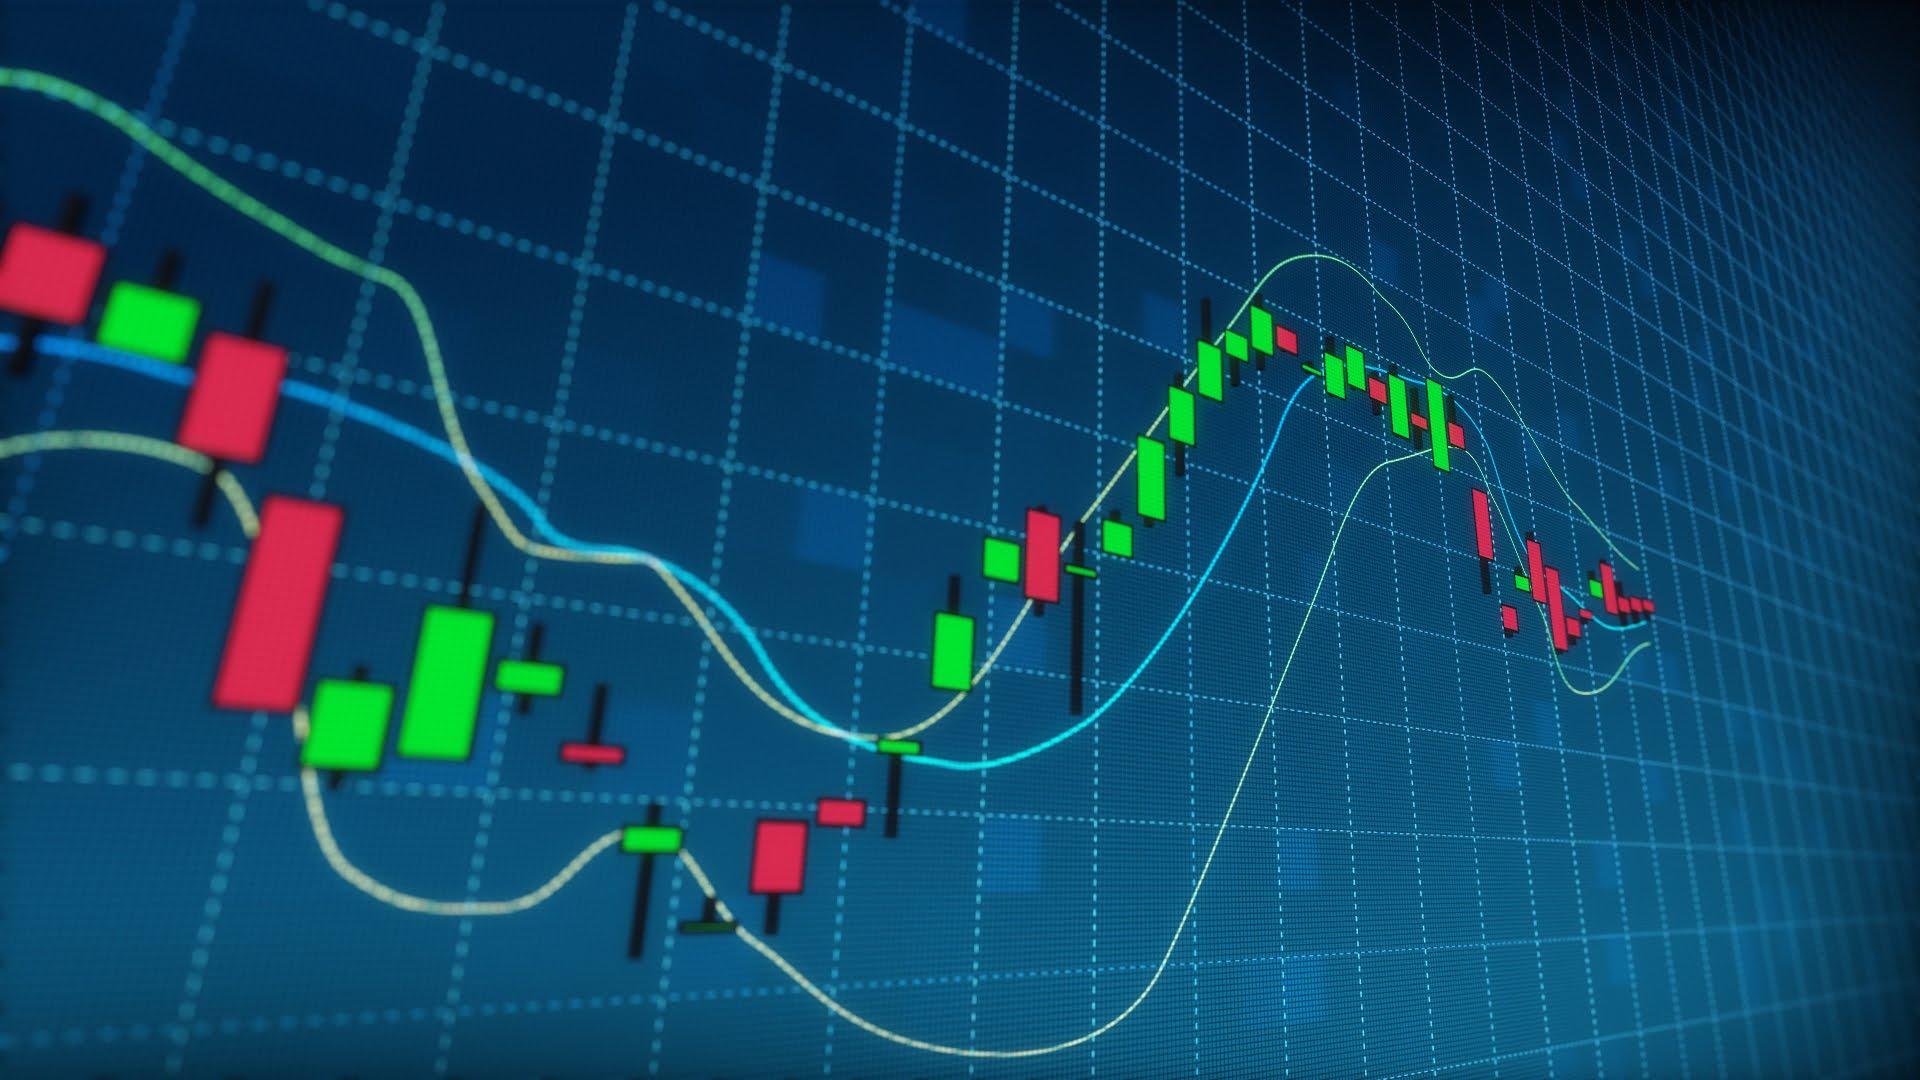 Novos riscos e dados frustrantes aumentam desafio para investidor